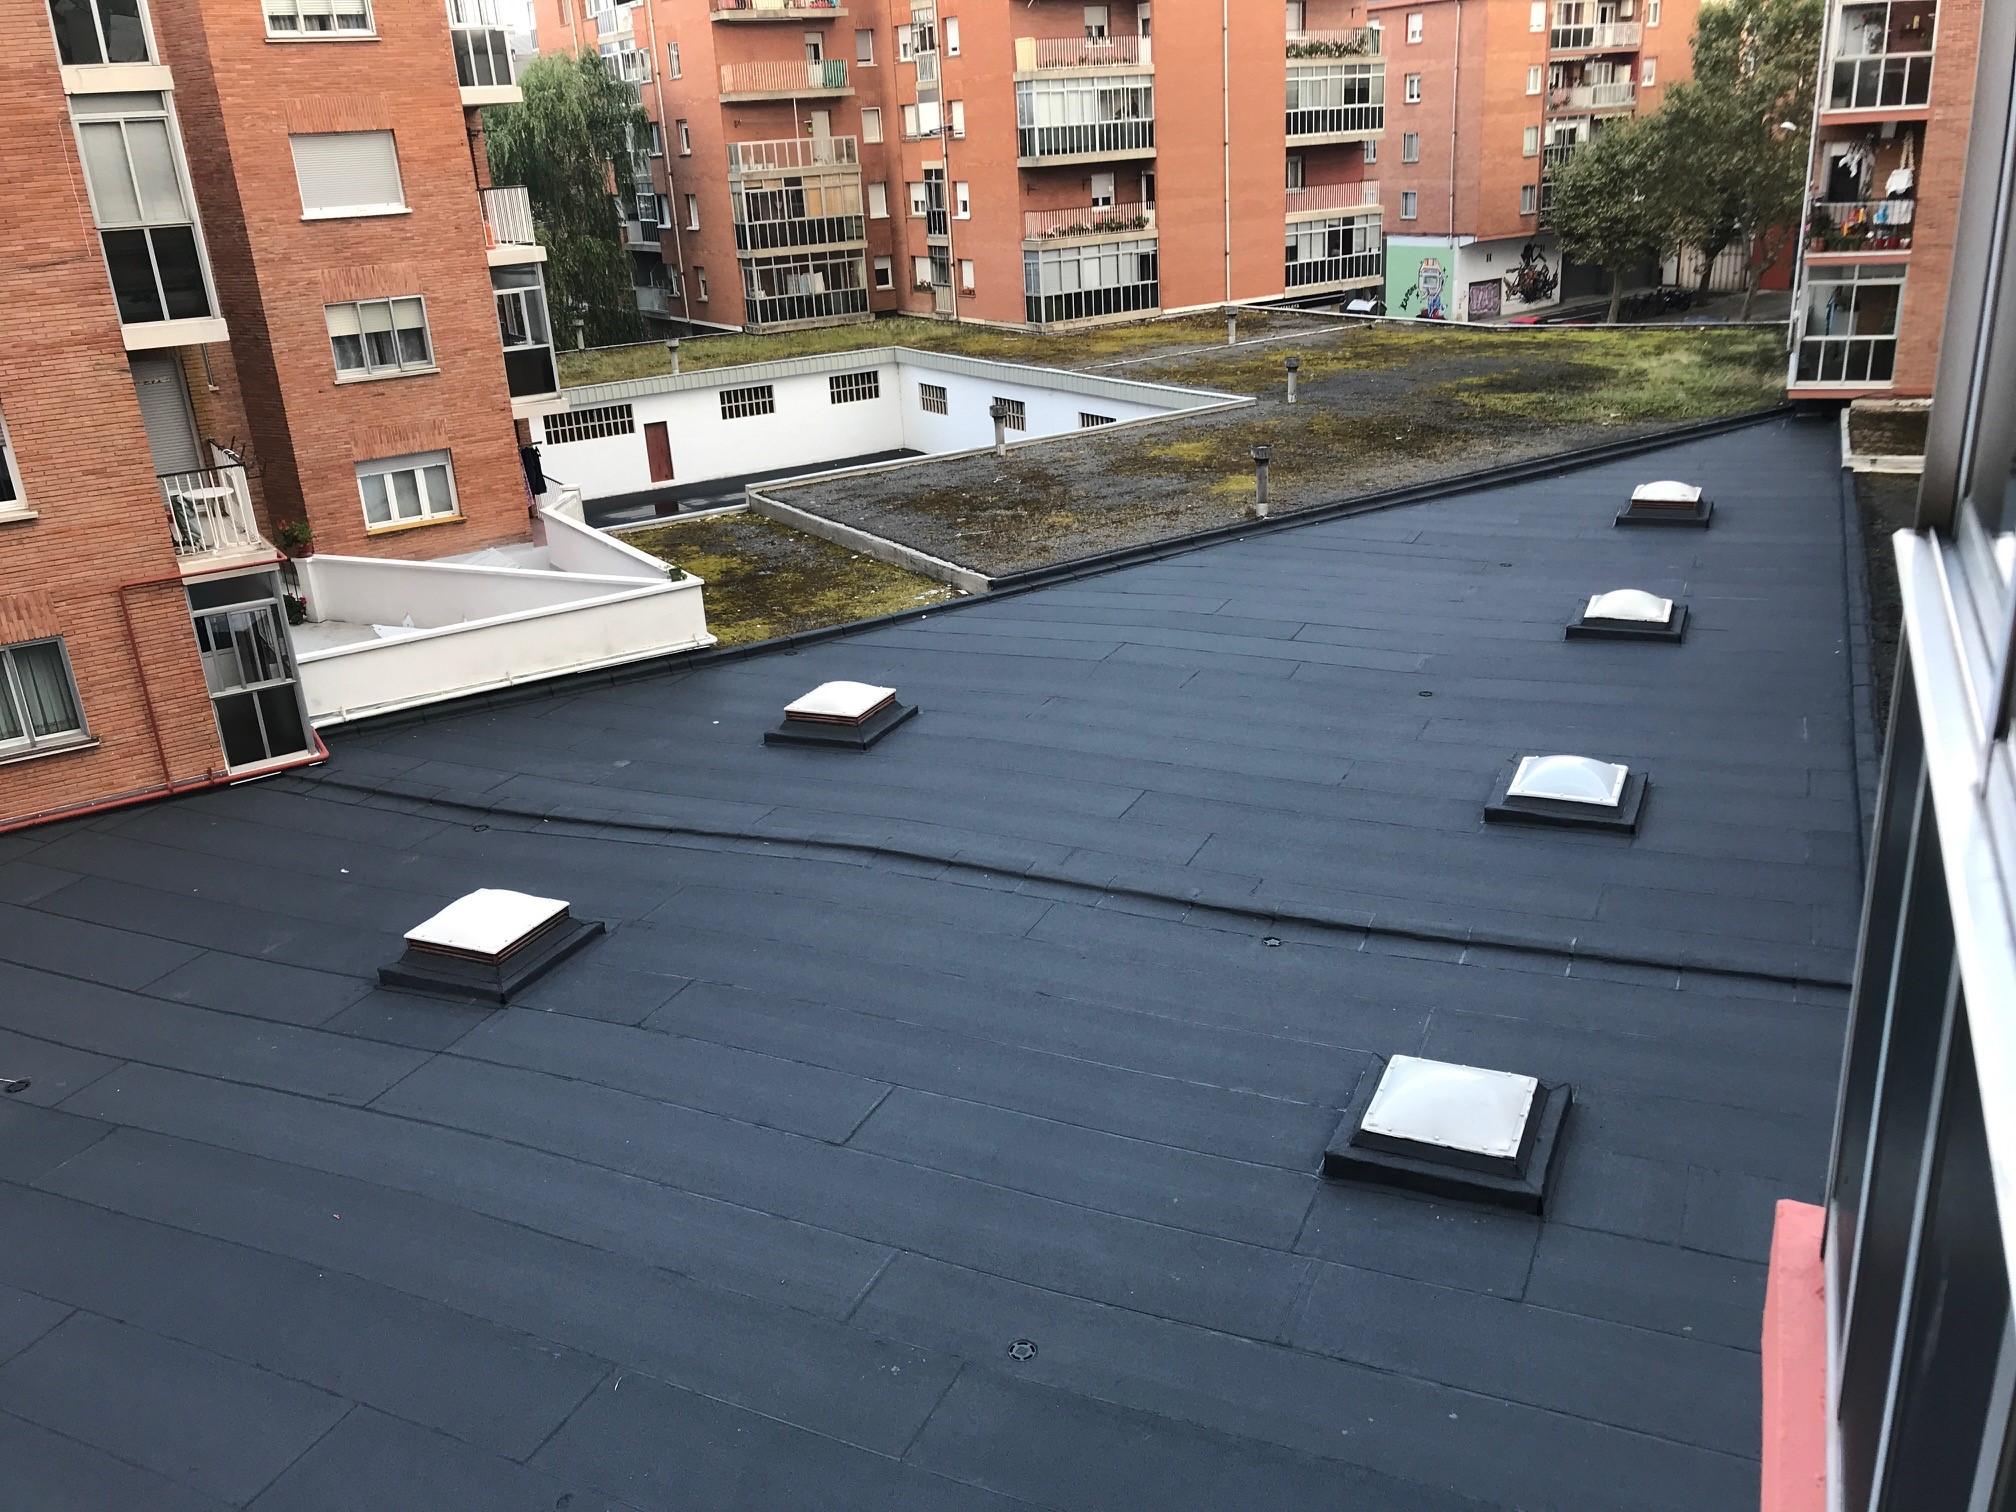 impermeabilizaciones y telas asfalticas en Vitoria